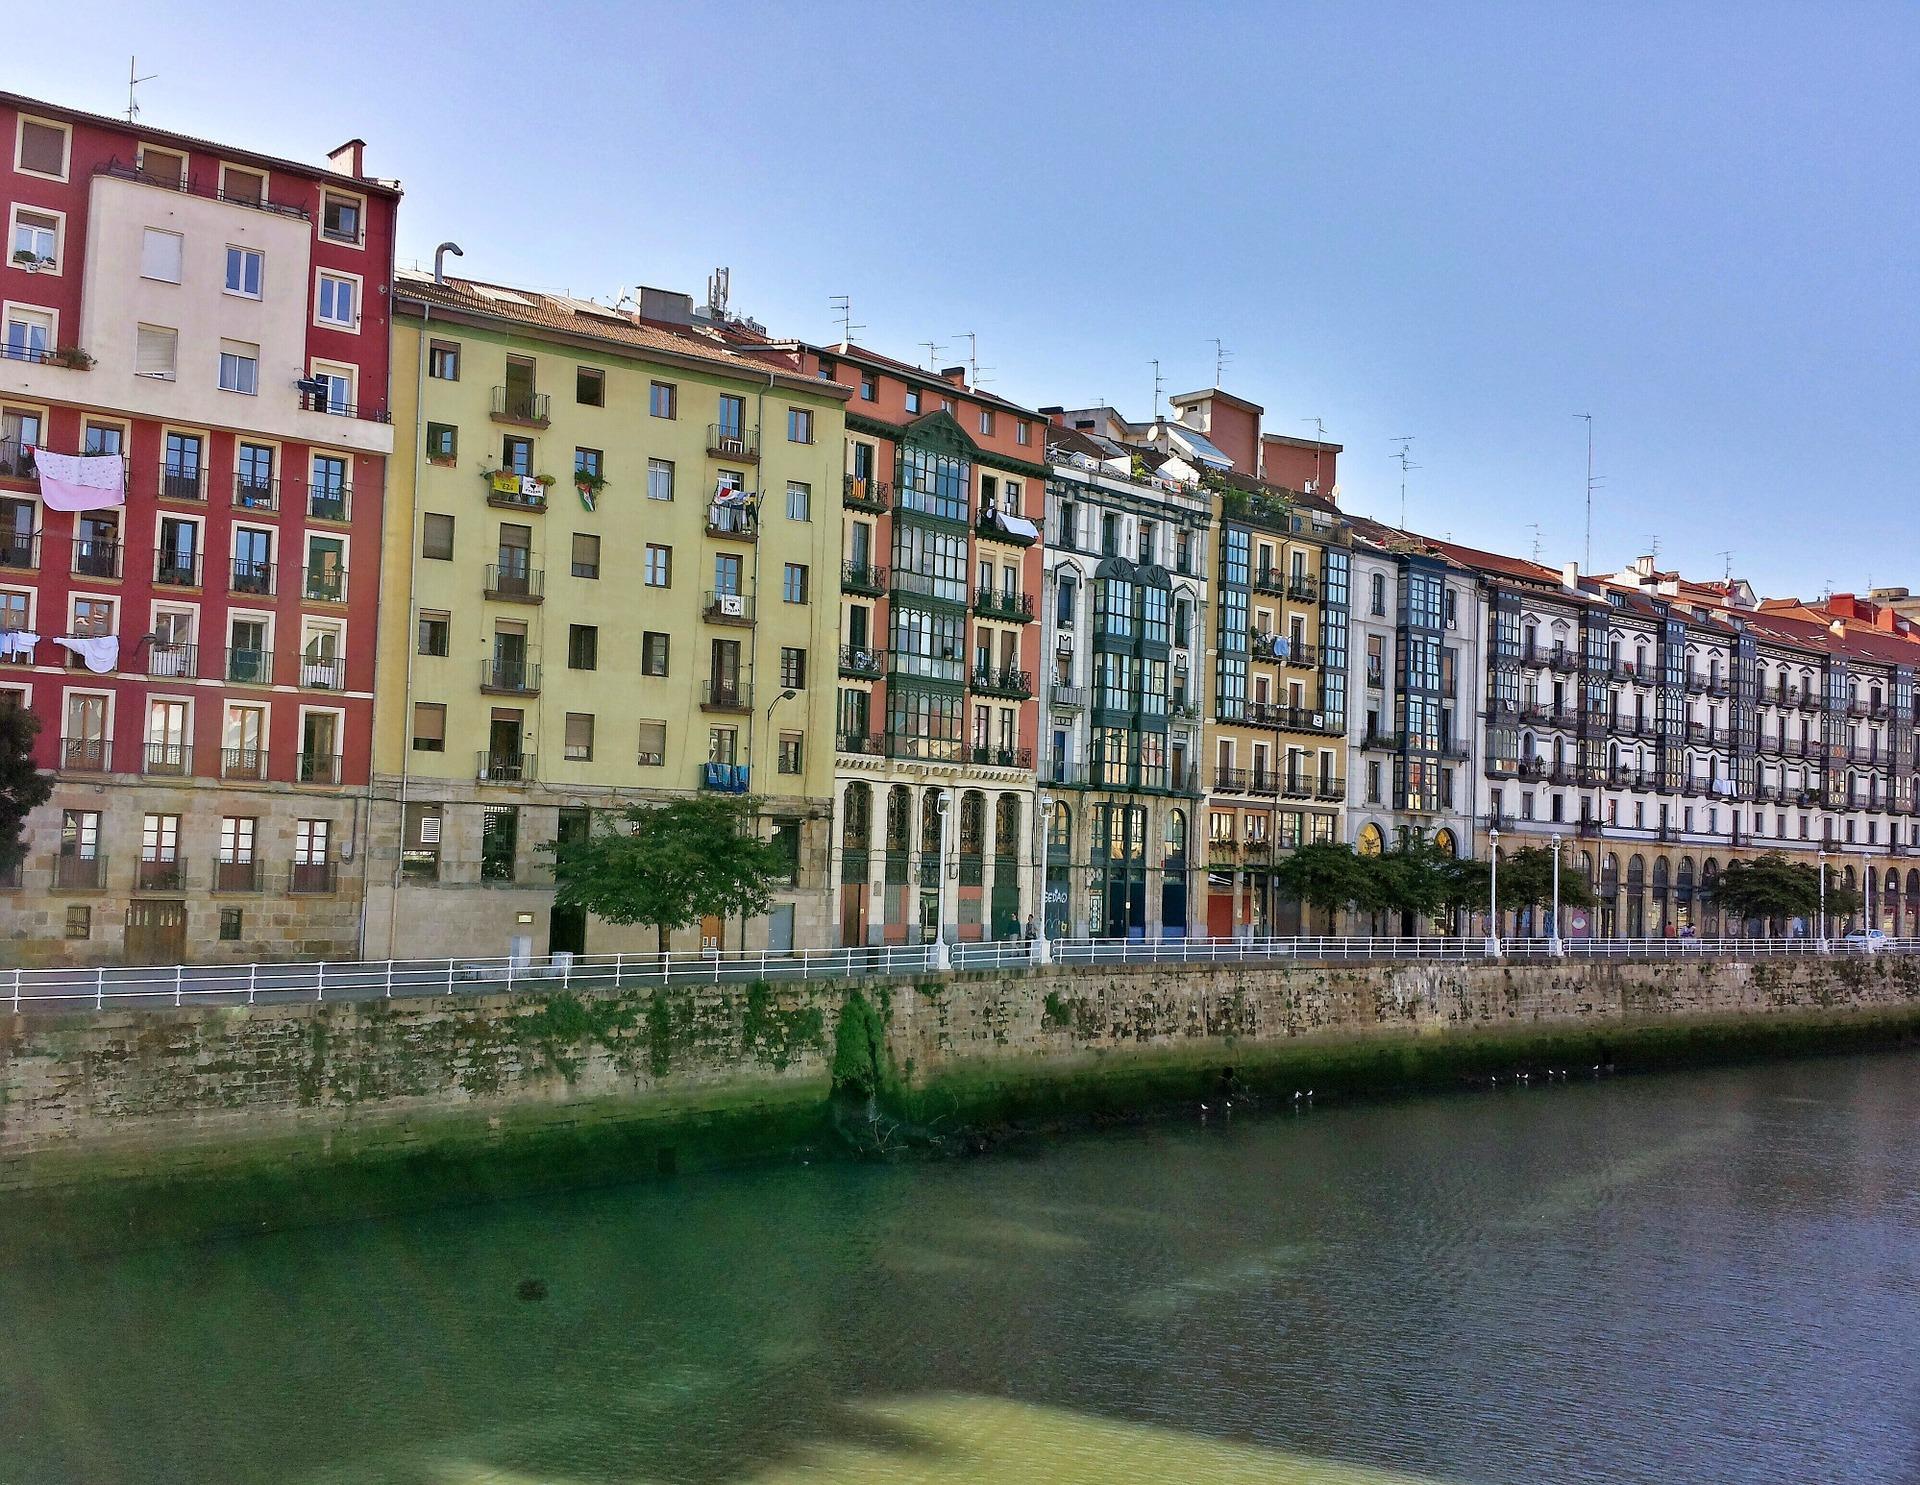 Free-Tour-Bilbao-Old-Town-7